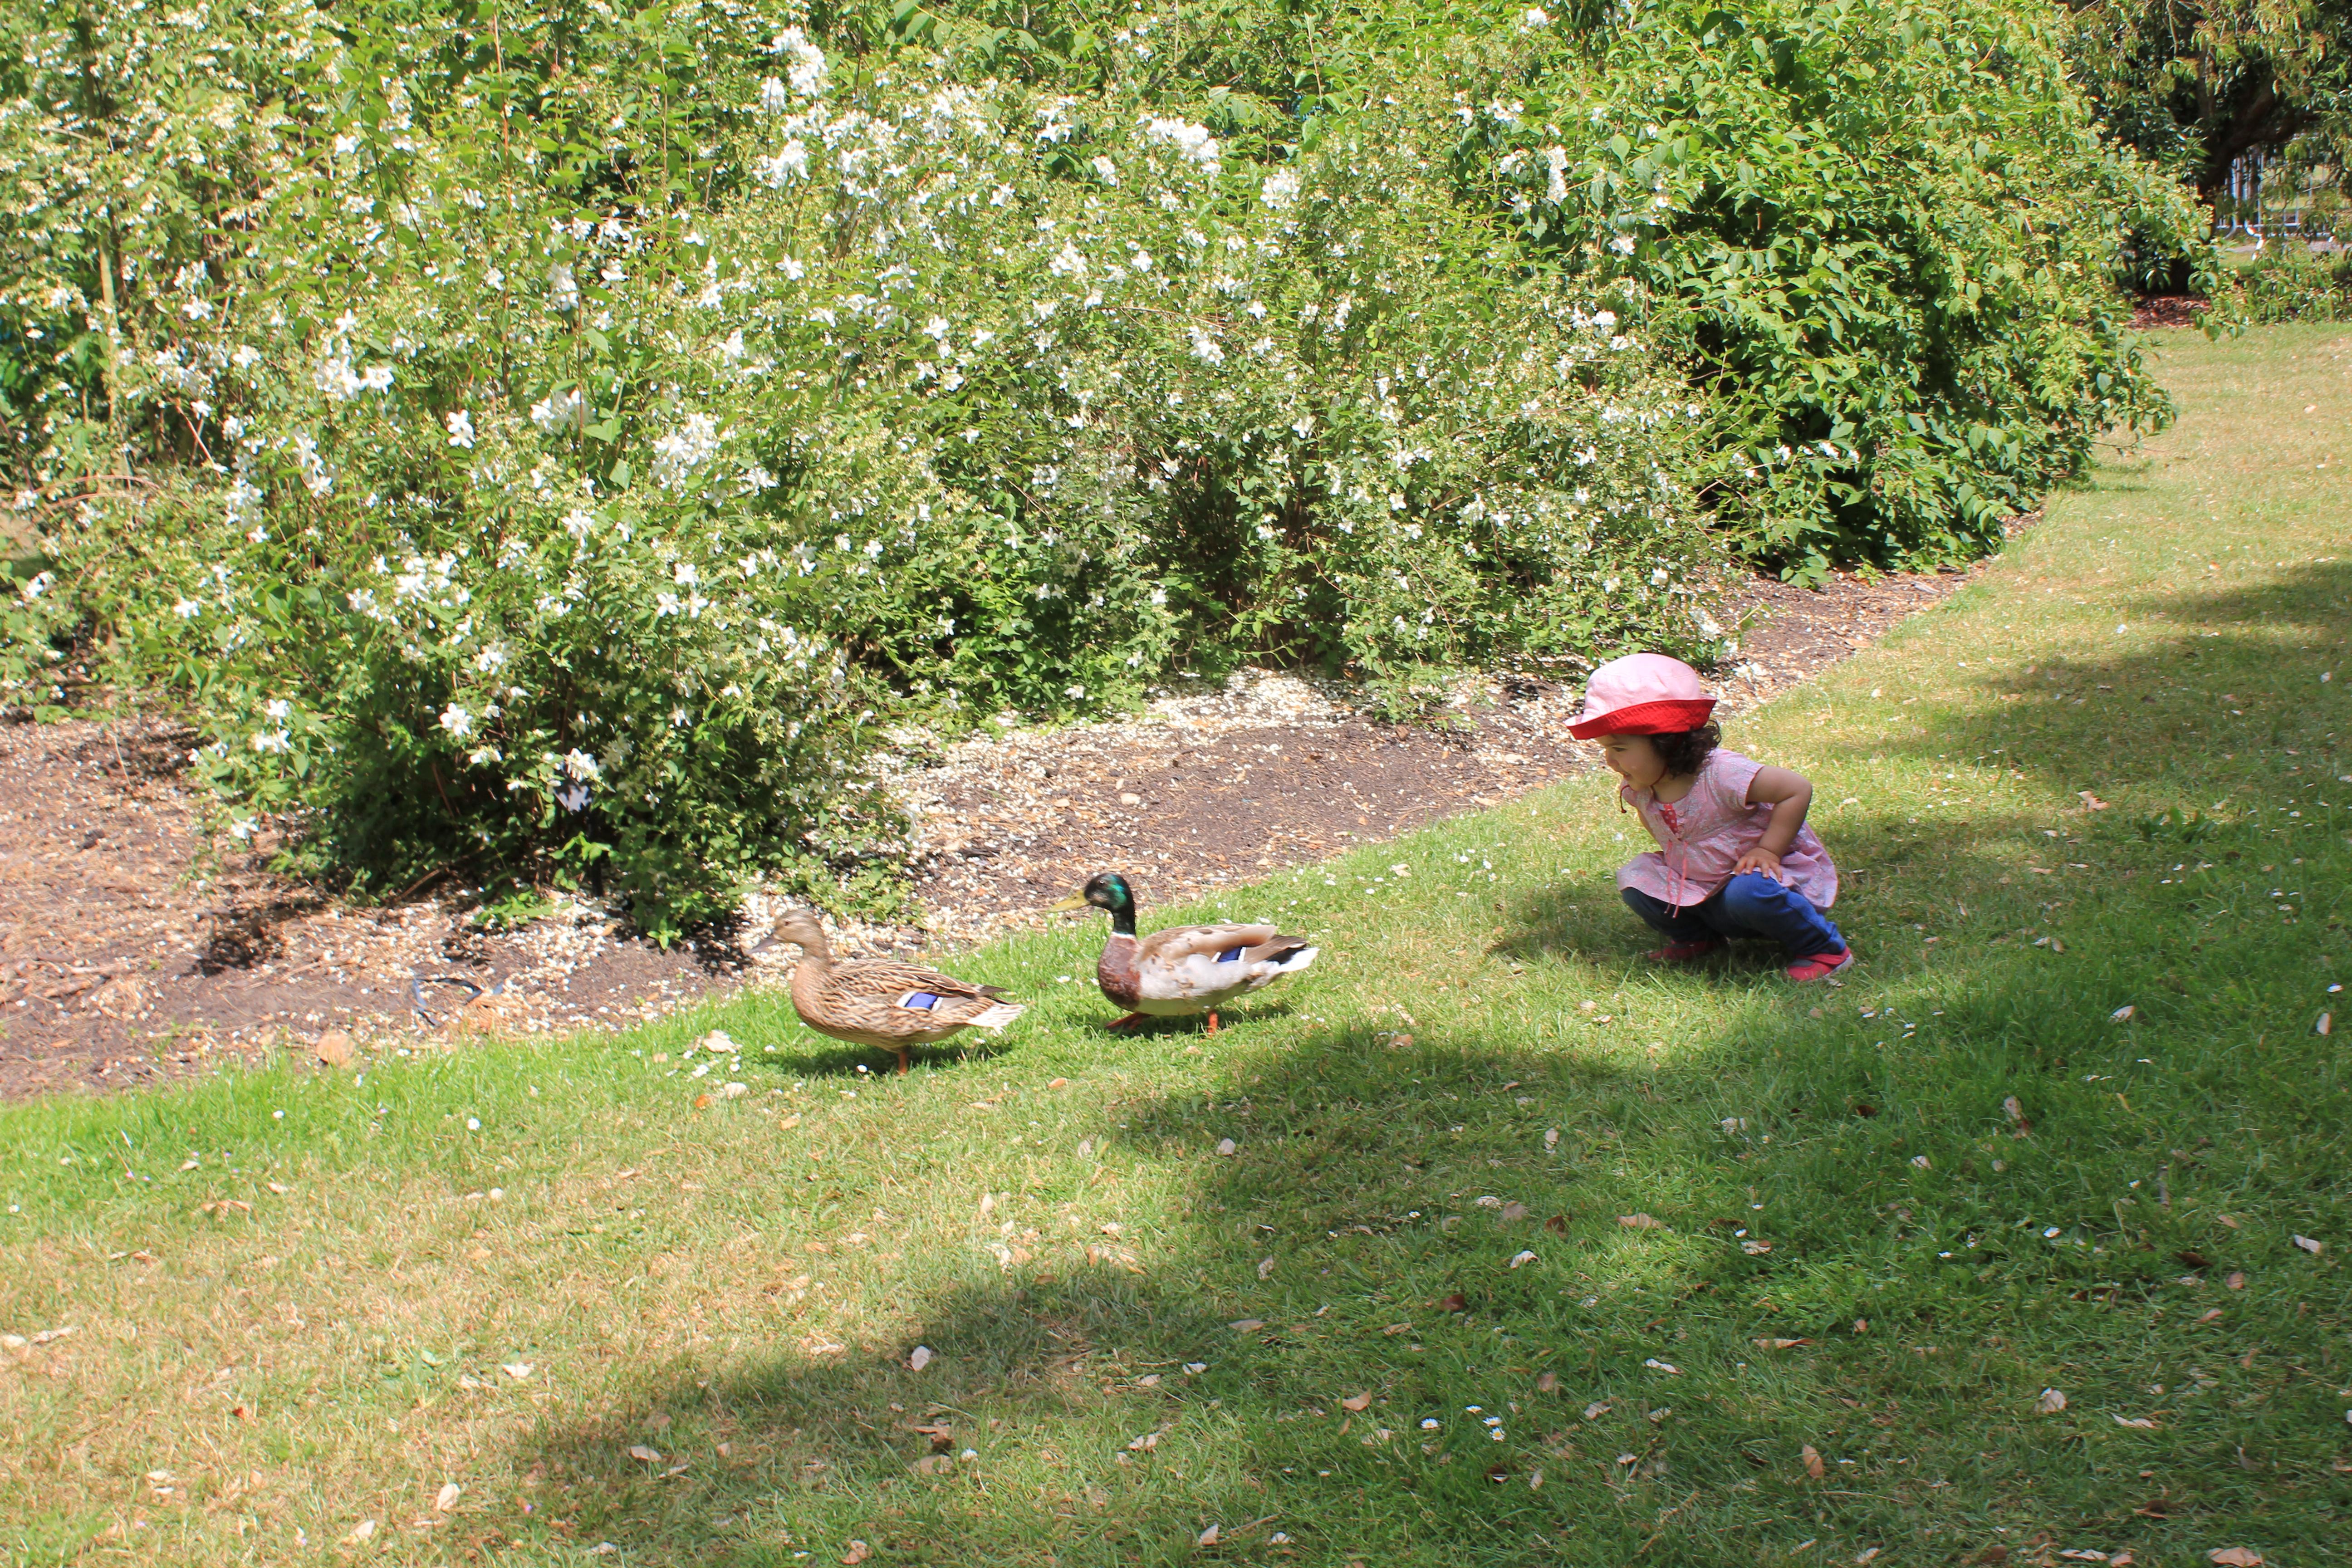 ヴァージニア・ウルフと歩くキュー植物園の夏